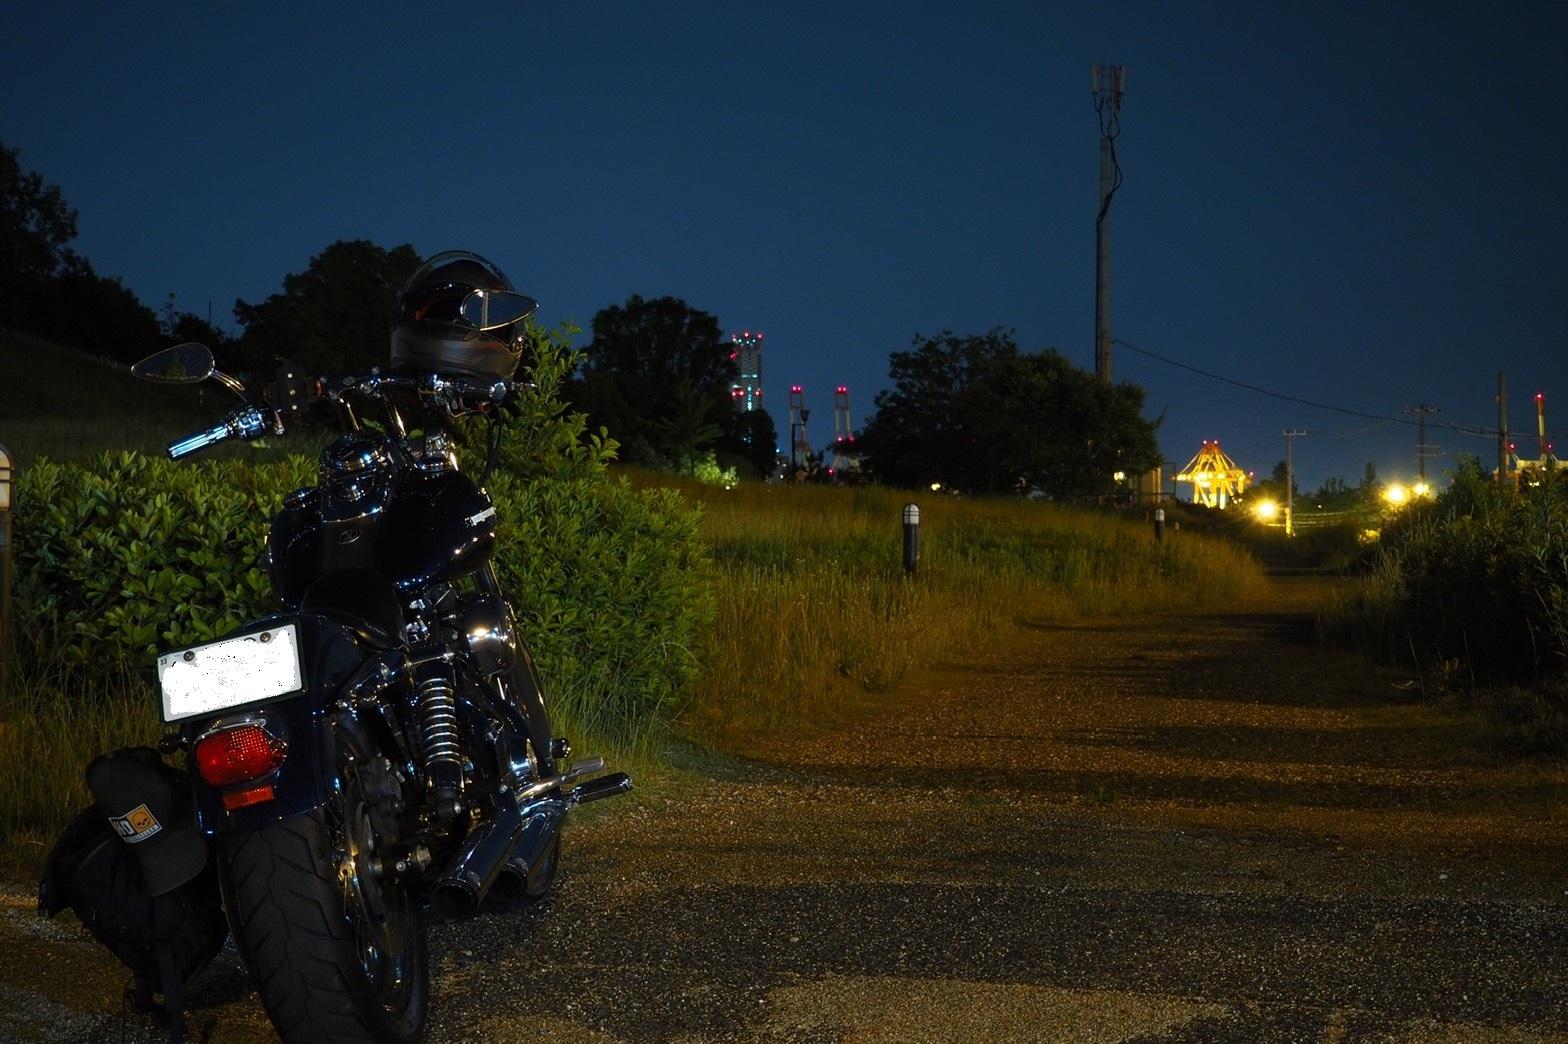 harleydavidson-motorcycle-touring-blog-osaka-port-maishima-nightview.jpg